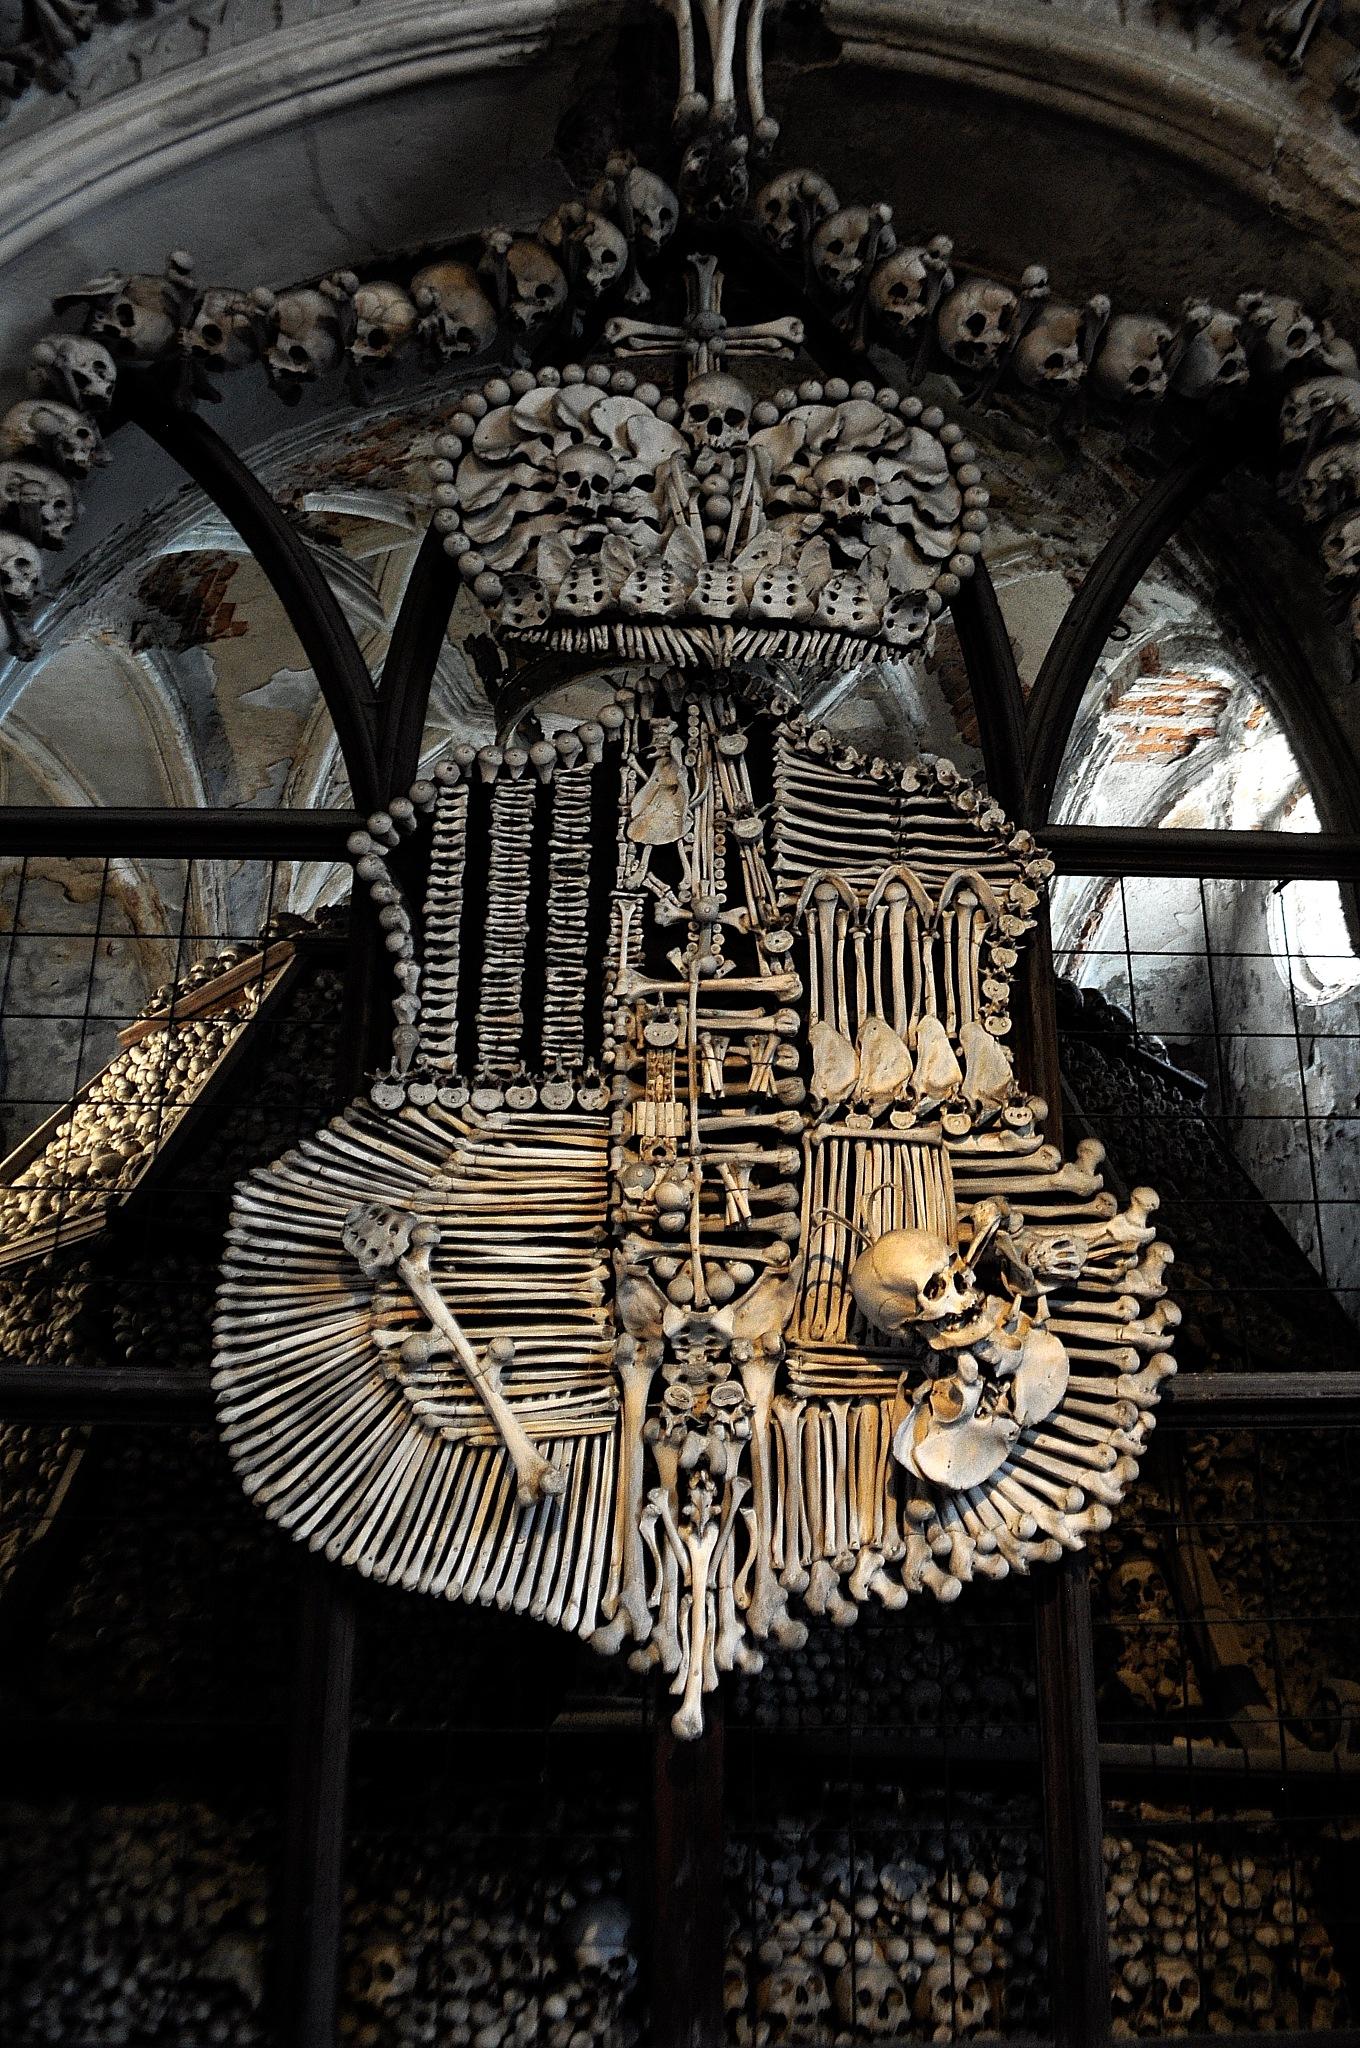 church of bones by EmmaSmith